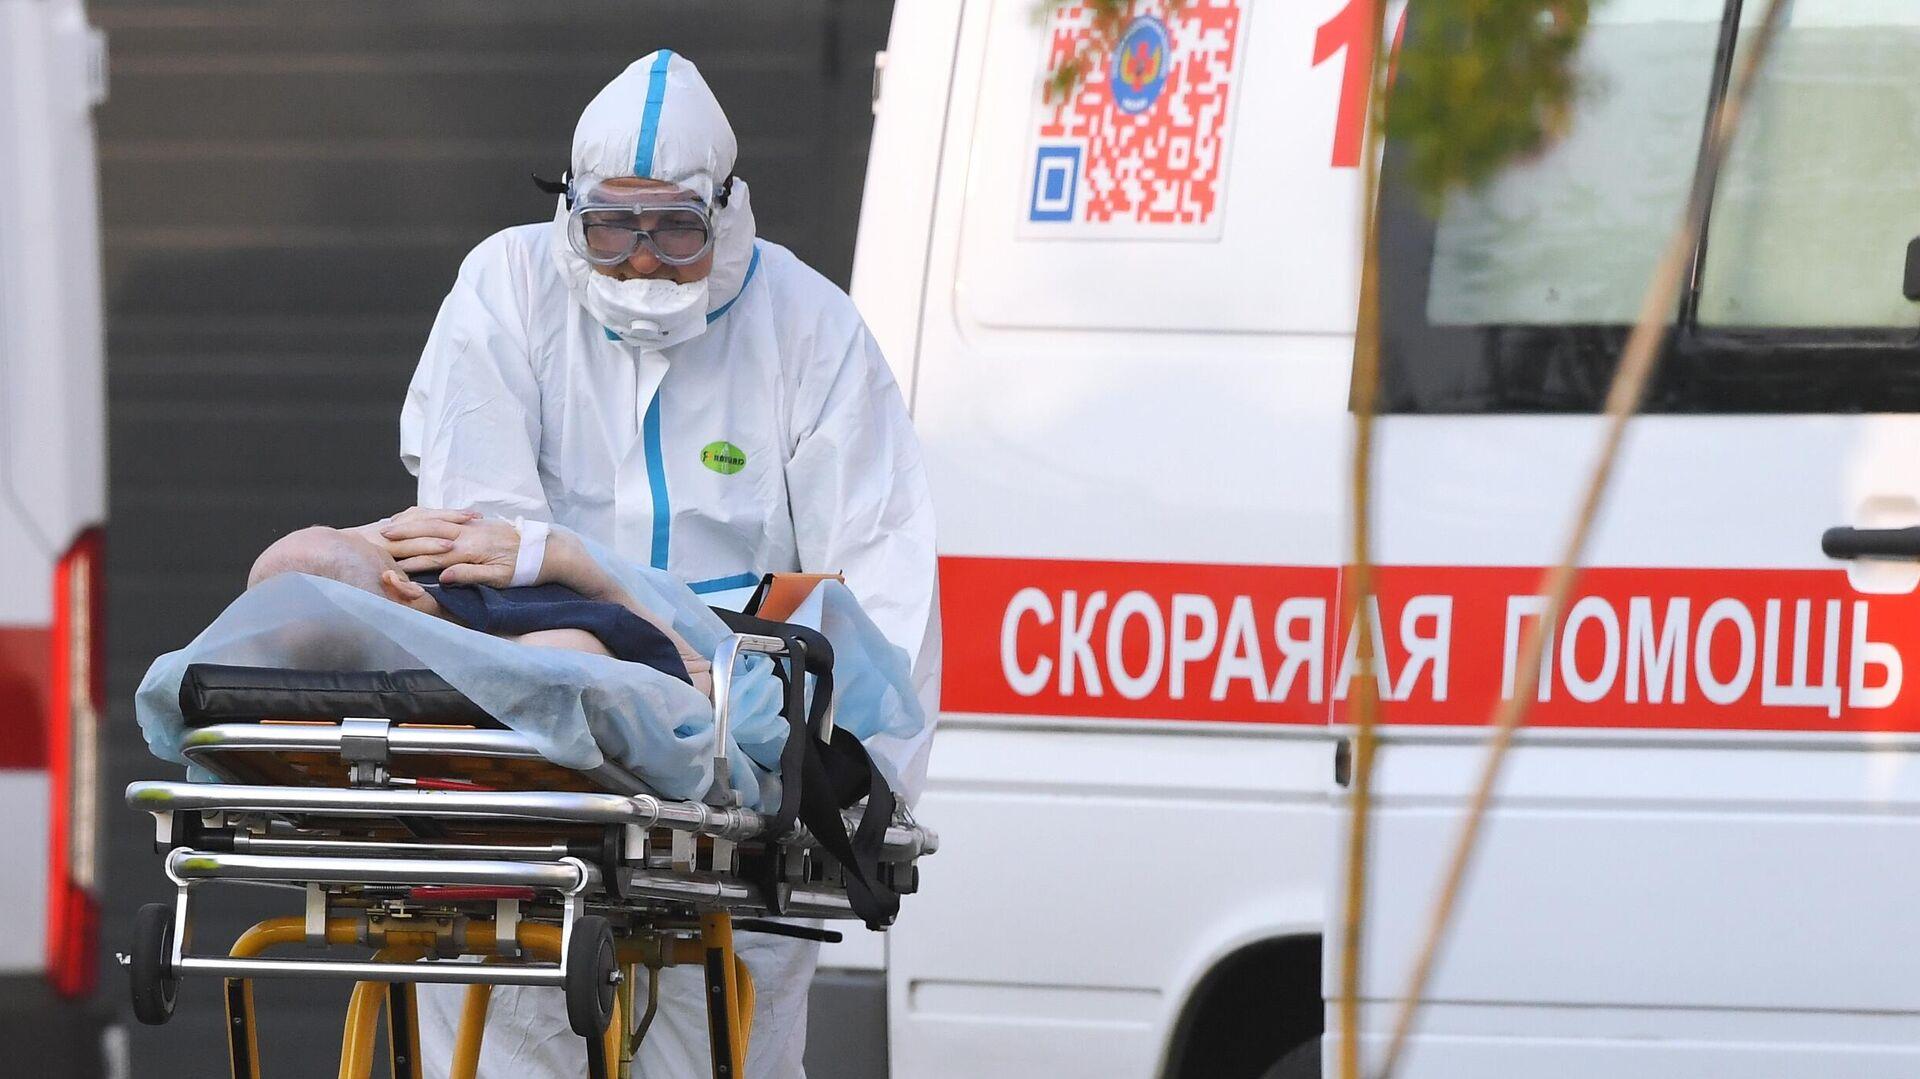 Работник скорой помощи и пациент у больницы в Коммунарке - РИА Новости, 1920, 09.11.2020